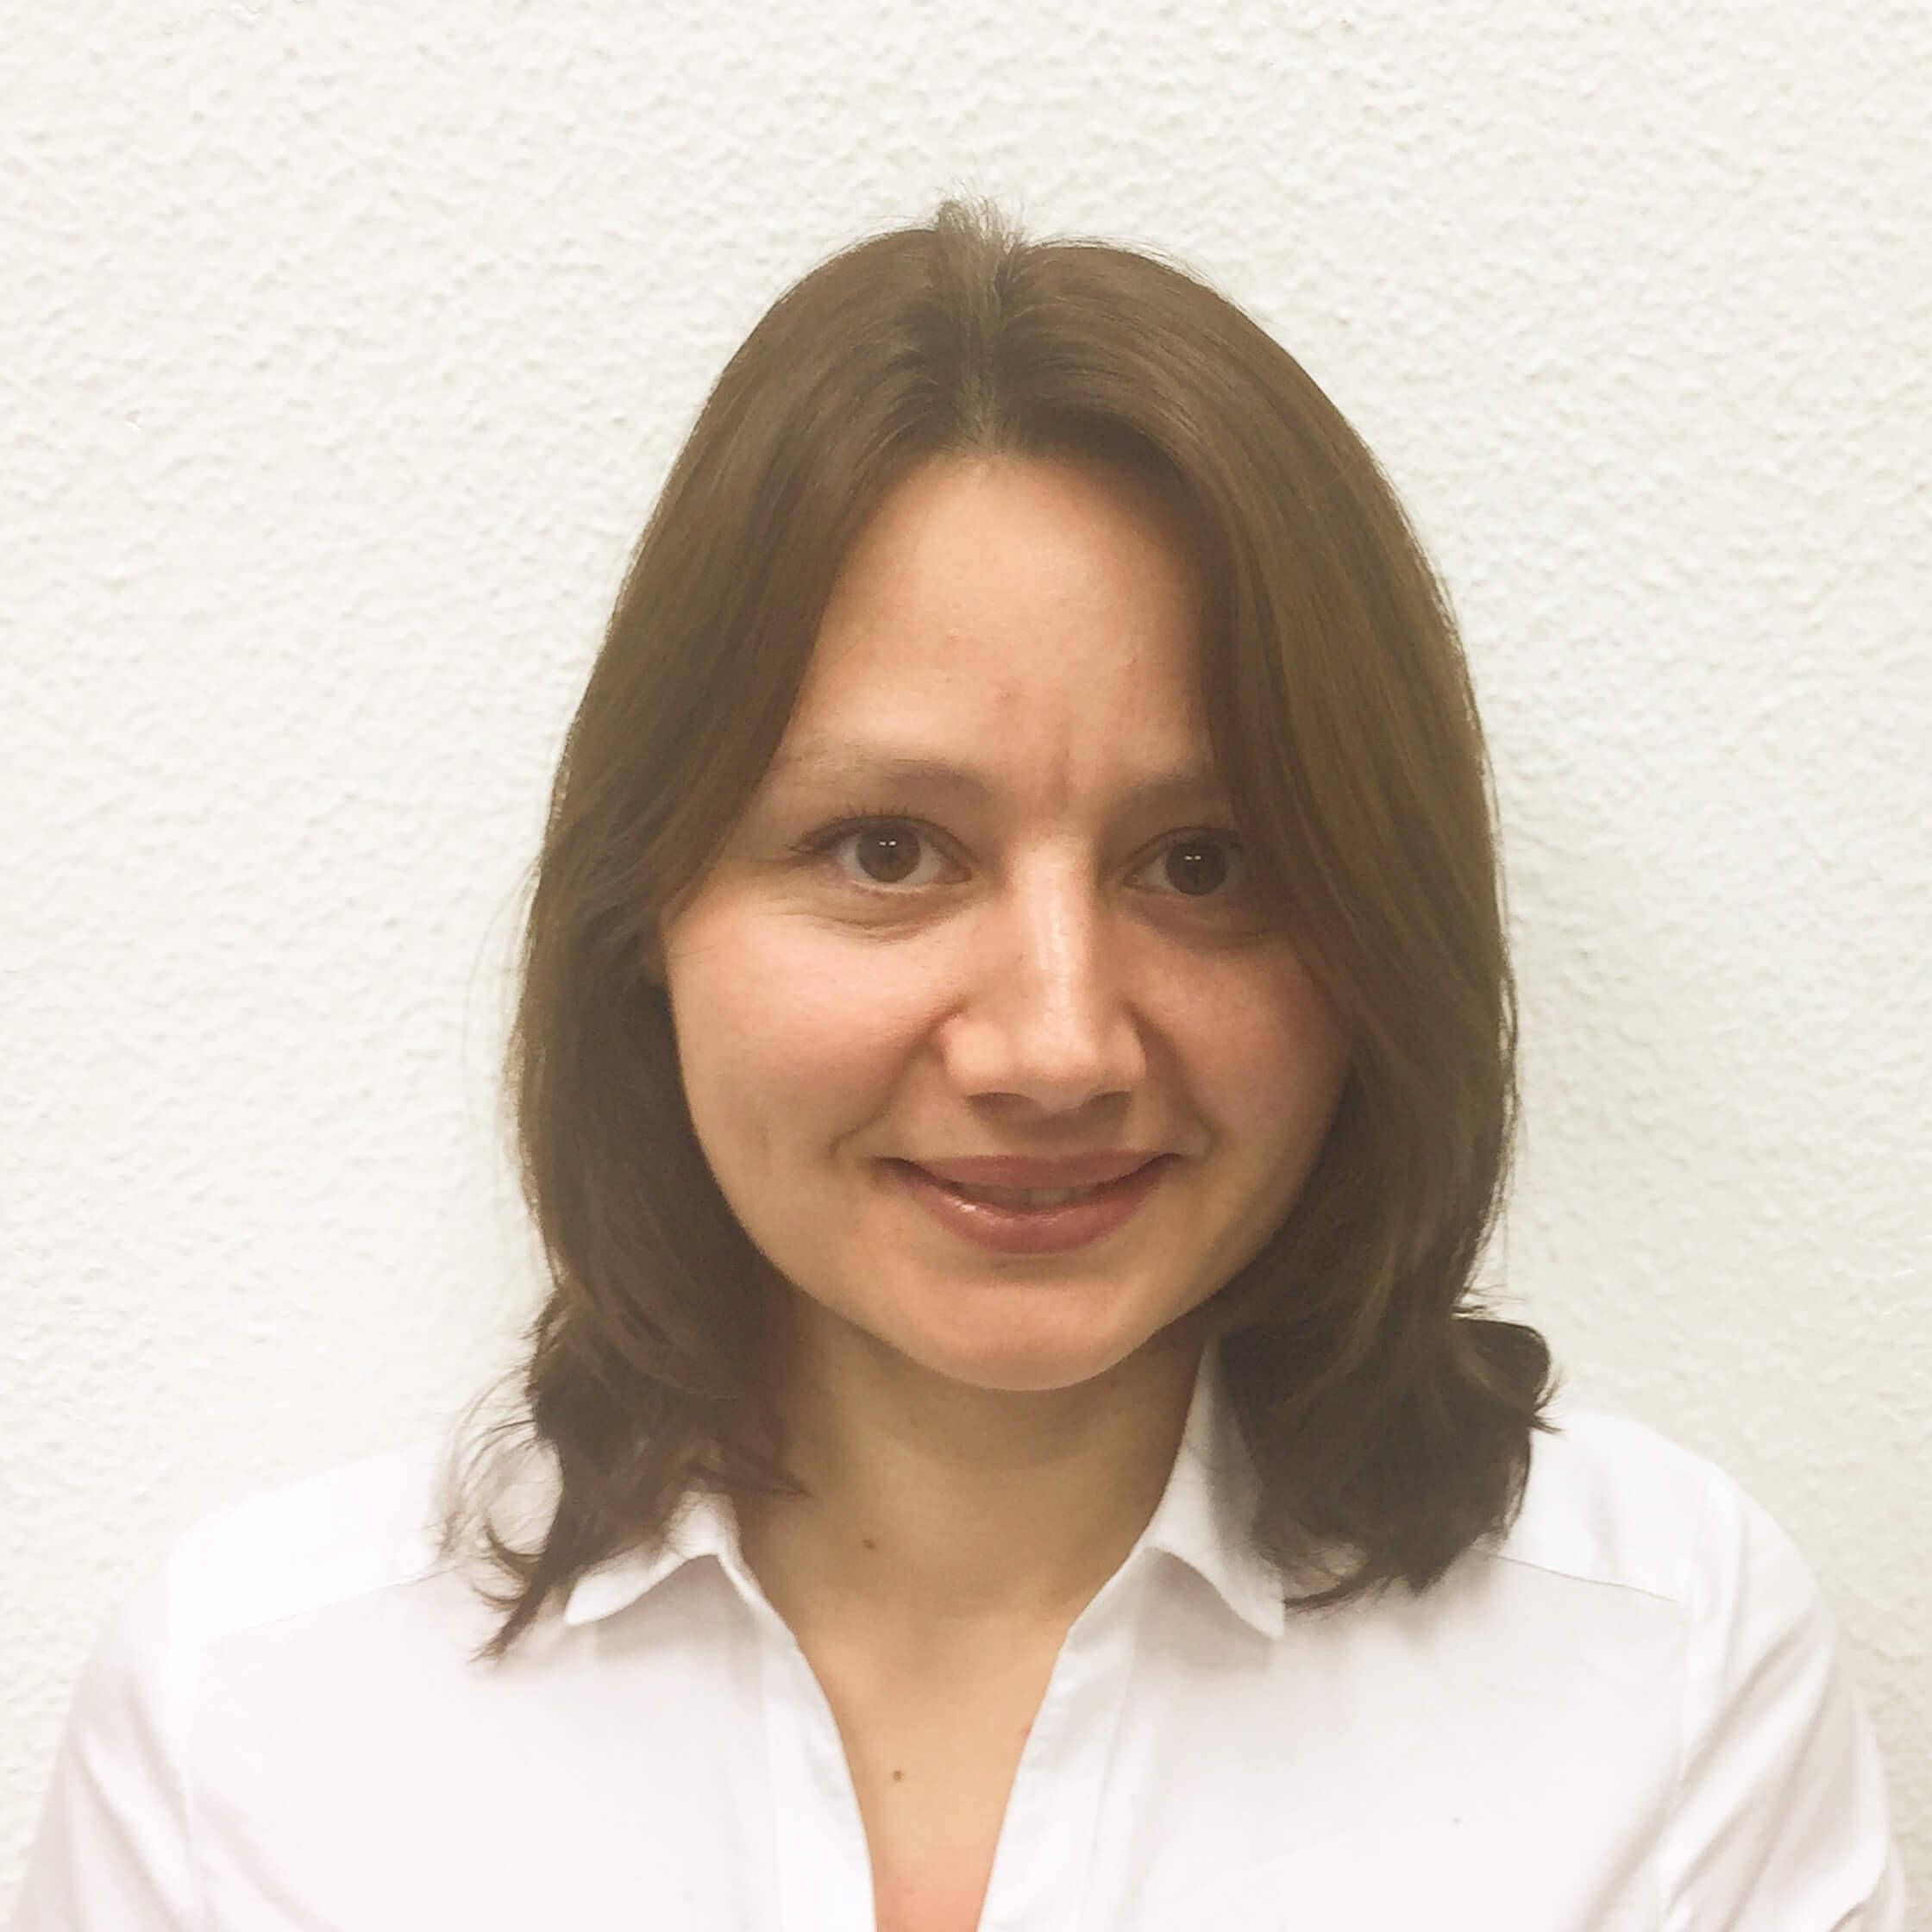 Natalia Gladkova